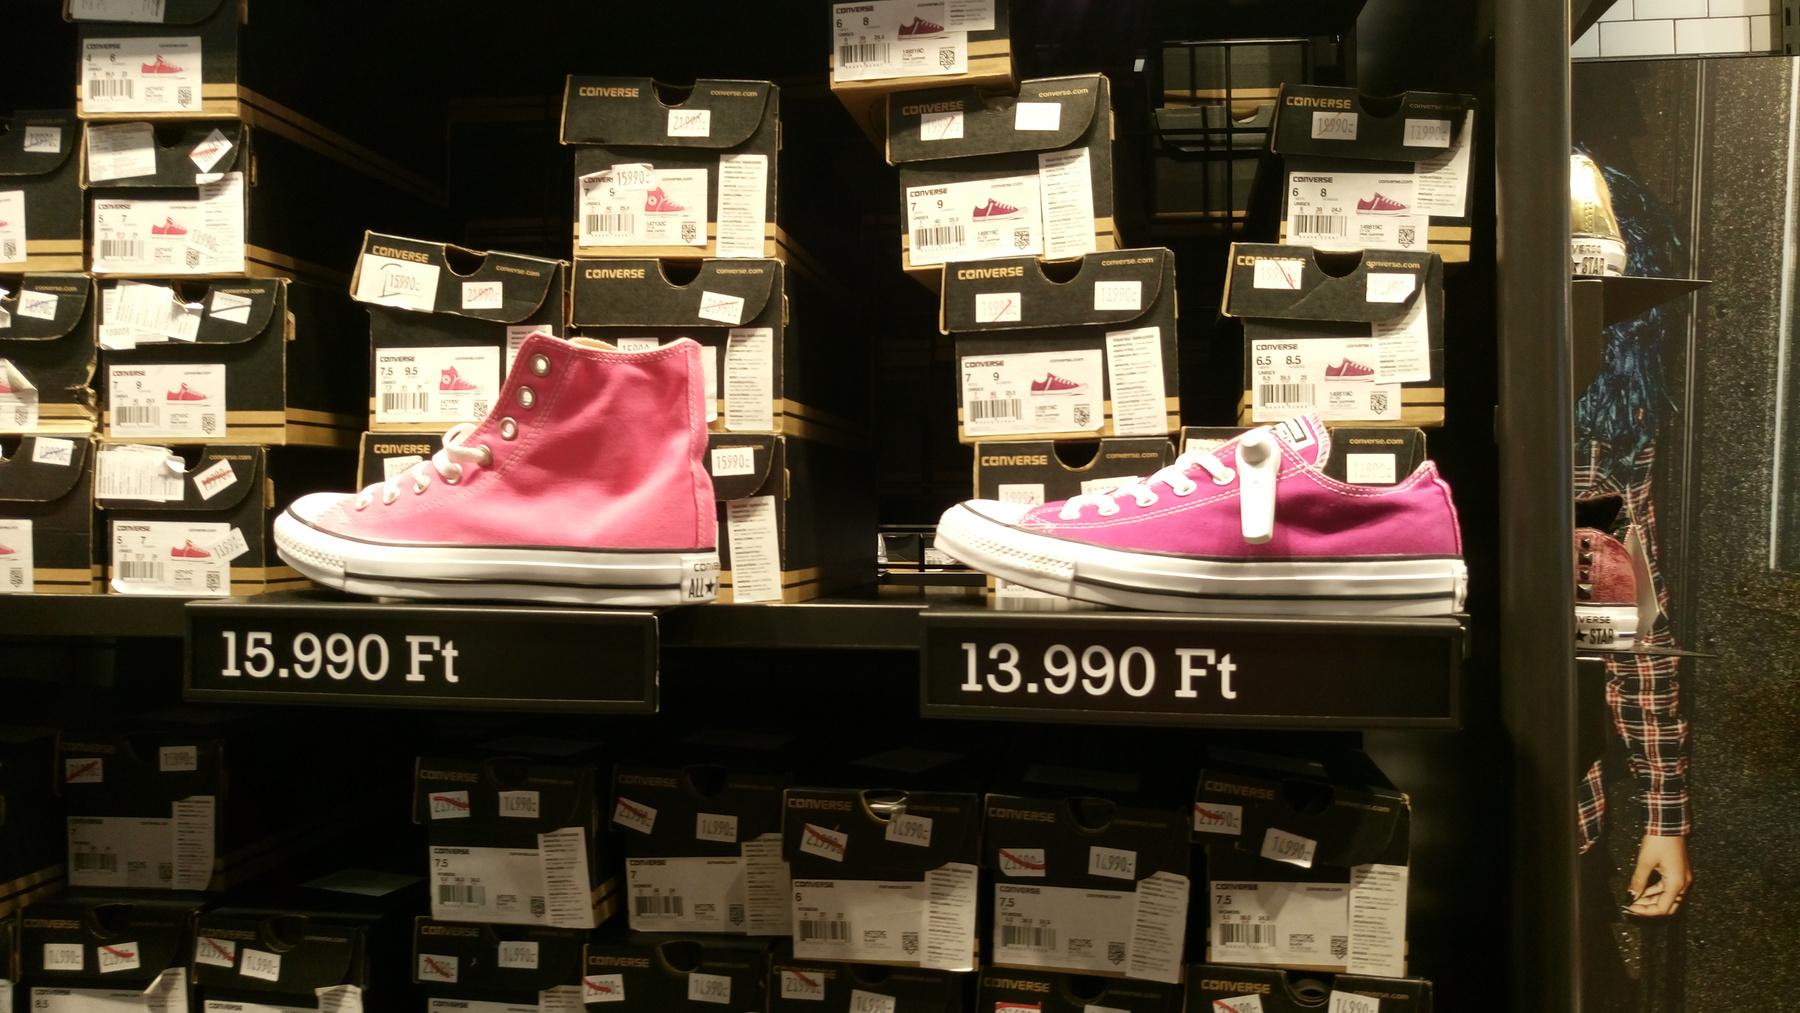 Még egy jó kis Converse, és máris az Adidasban vagyunk...